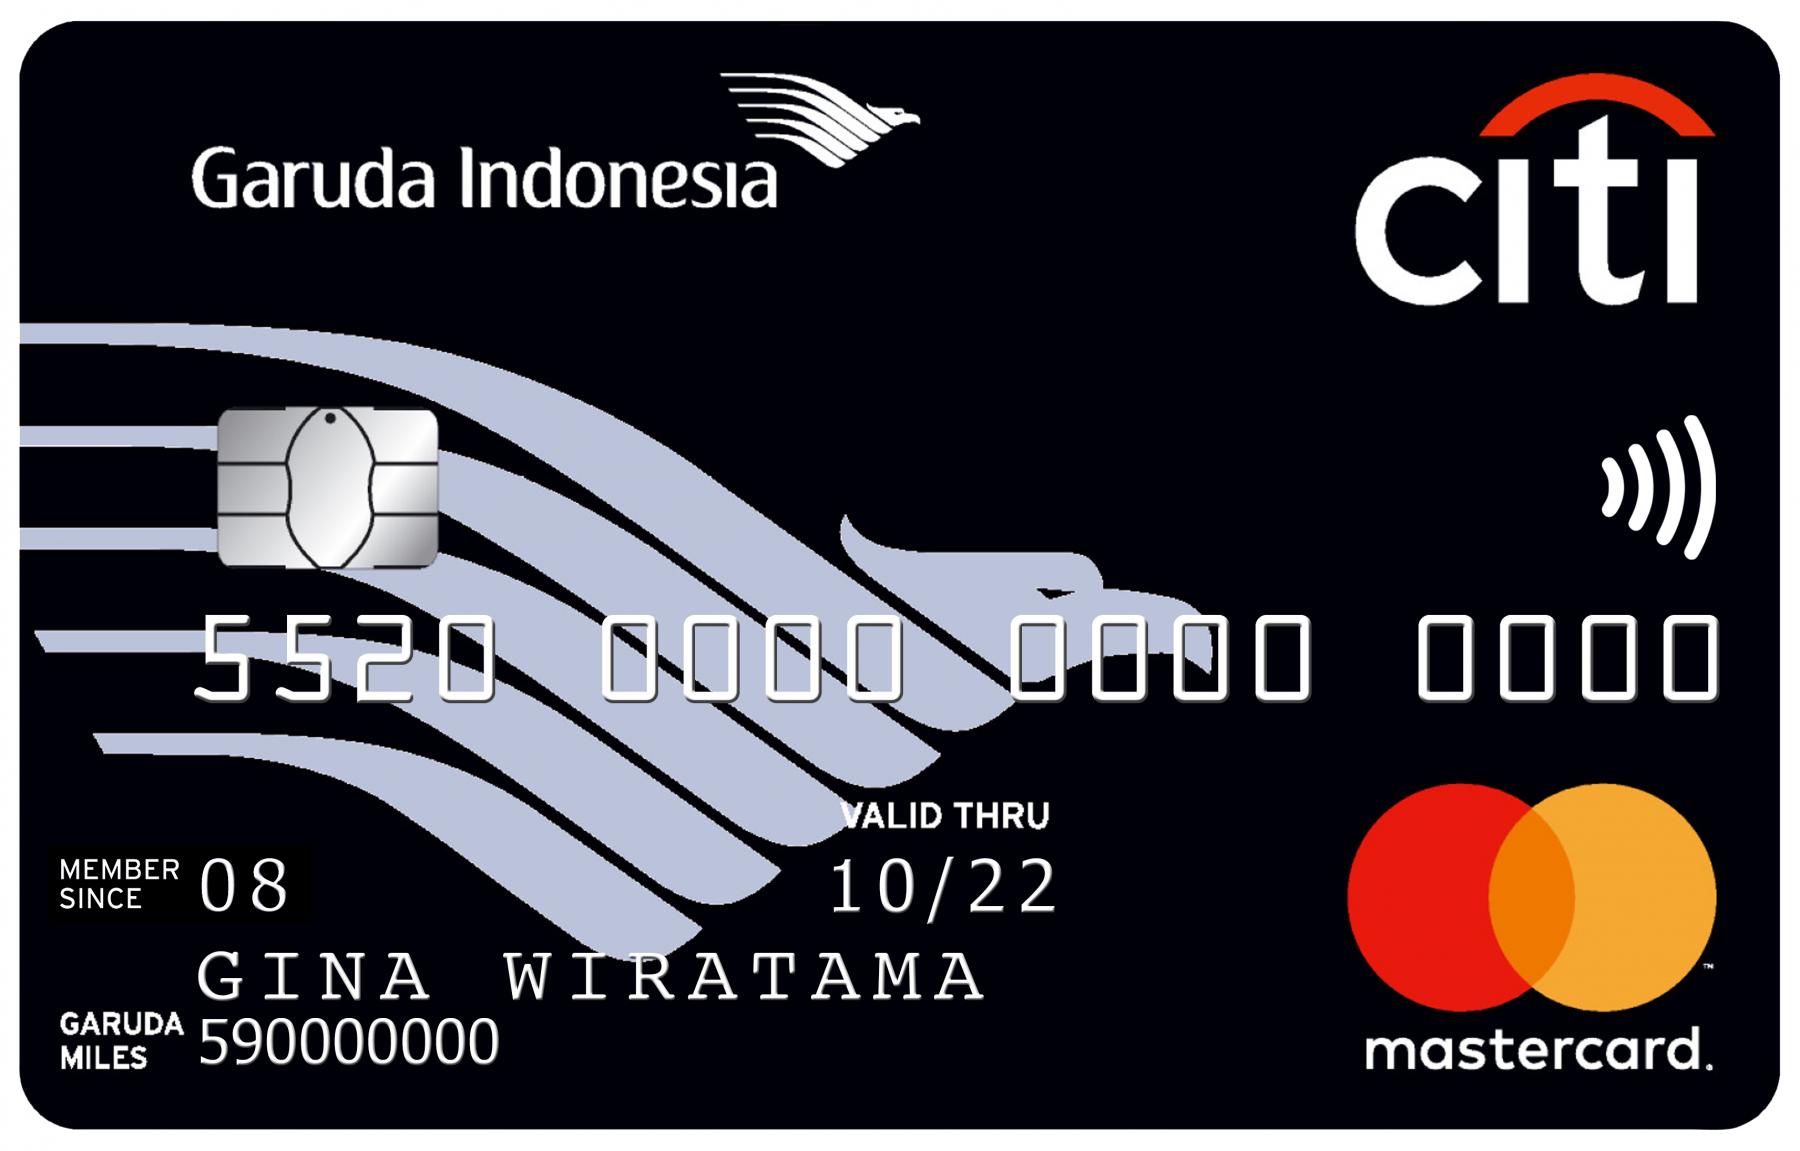 Apply Kartu Kredit Terbaik   Pengajuan Kartu Kredit Online